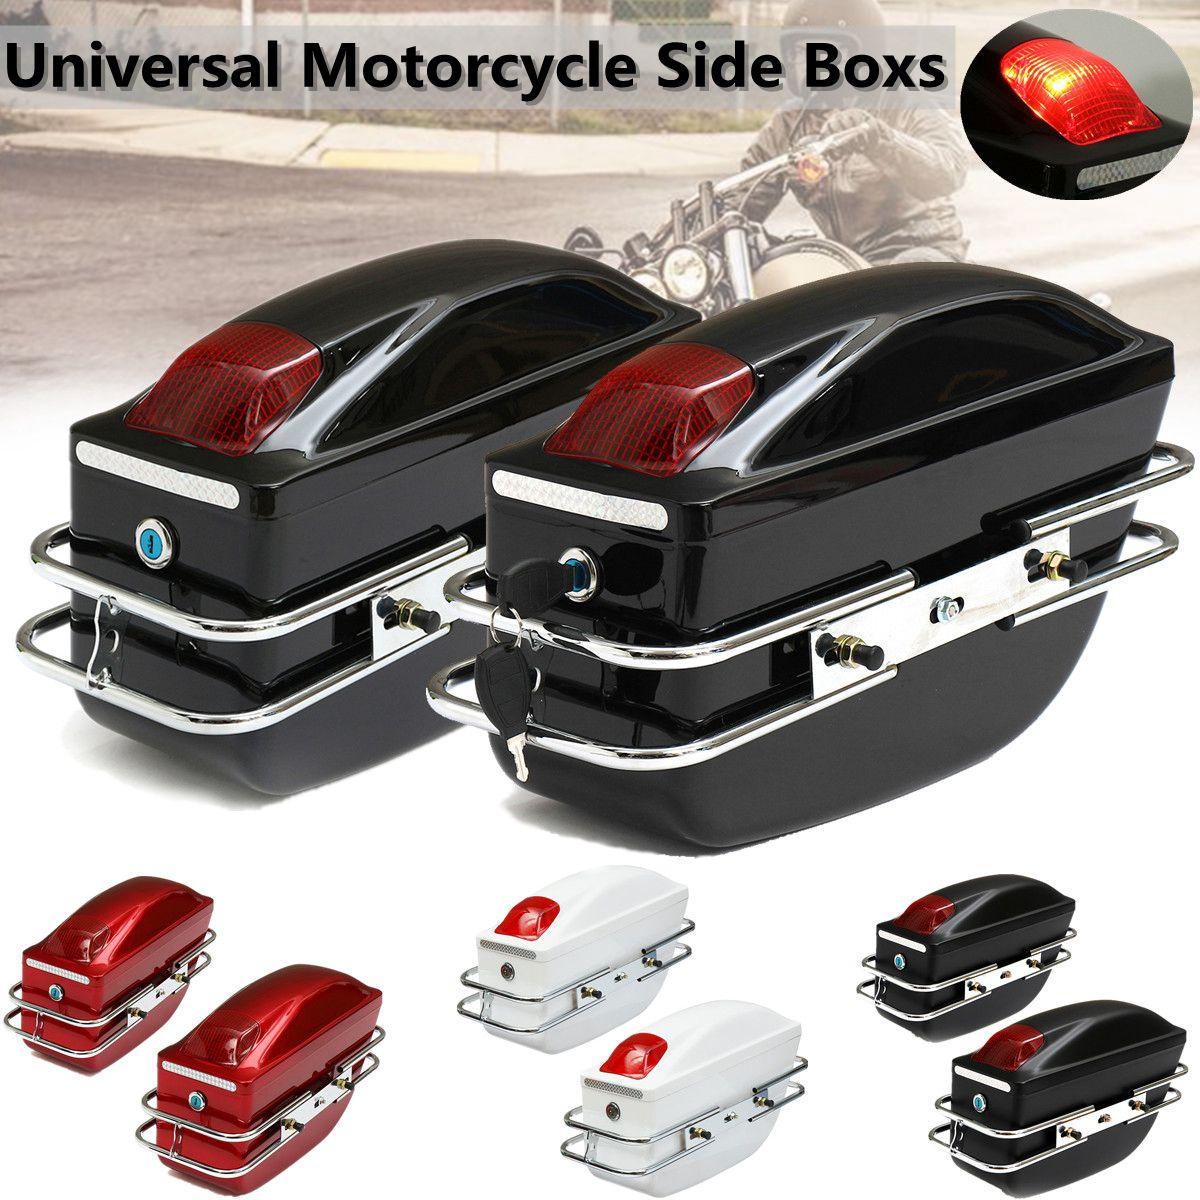 1 par Universal de cajas laterales de la motocicleta bolsa de la herramienta de la cola del tanque del equipaje bolsas de sillín de la caja dura para Kawasaki/Honda